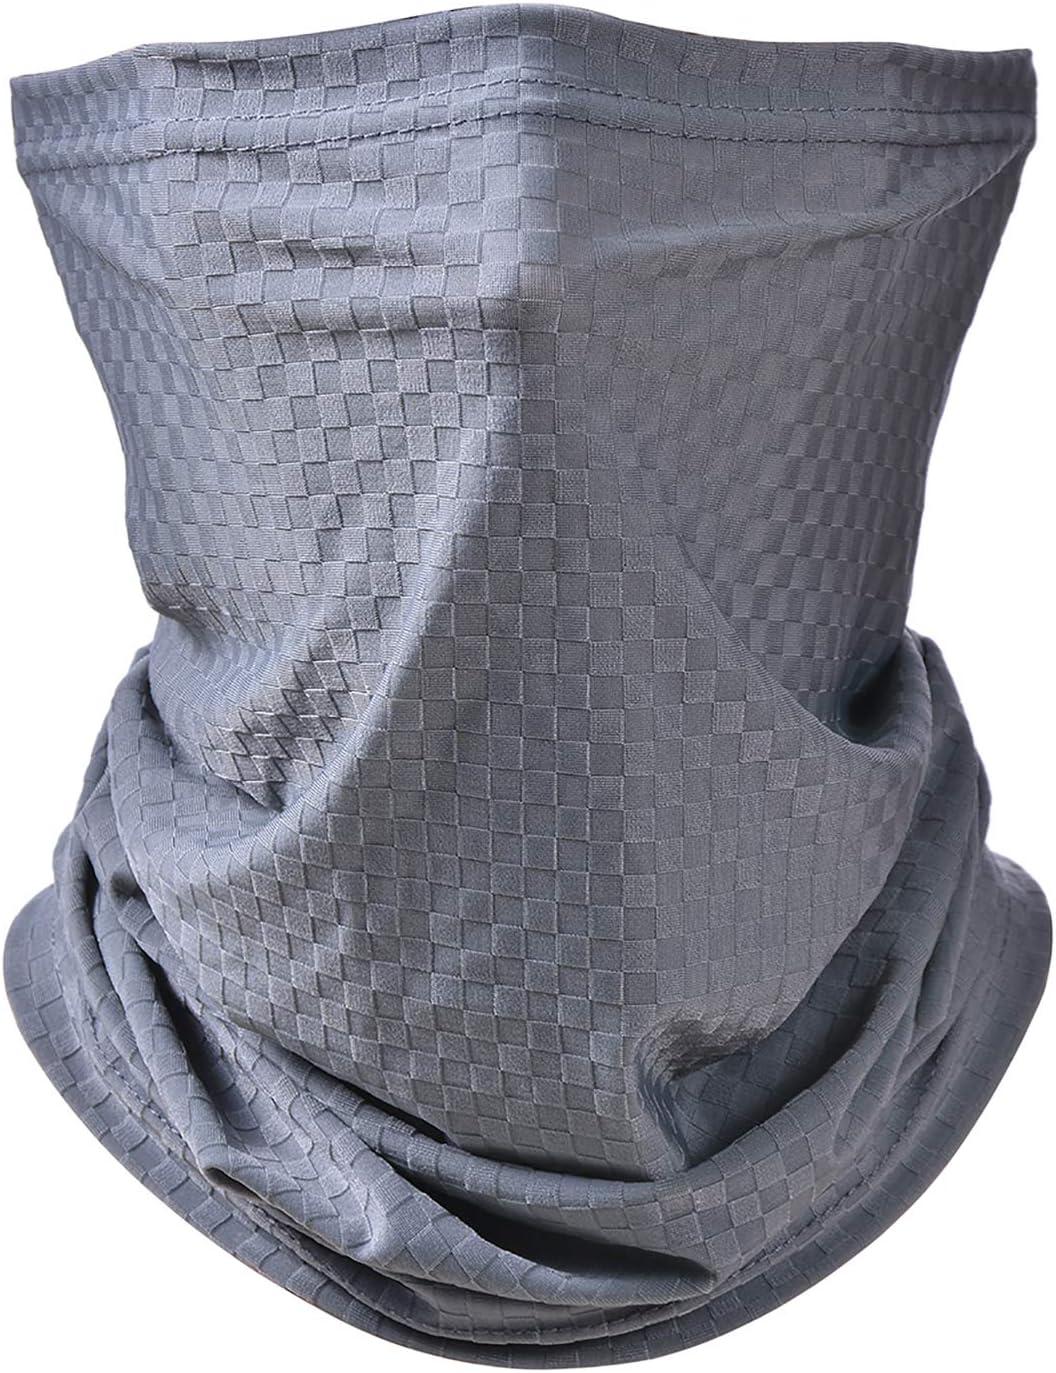 Pañuelos Cabeza Elástica Multifunción,Braga Cuello Hombre y Mujer,Protección UV Transpirable Braga Cuello Moto Calentador,Adecuado para Actividades al Aire Libre,montañismo, Motos.